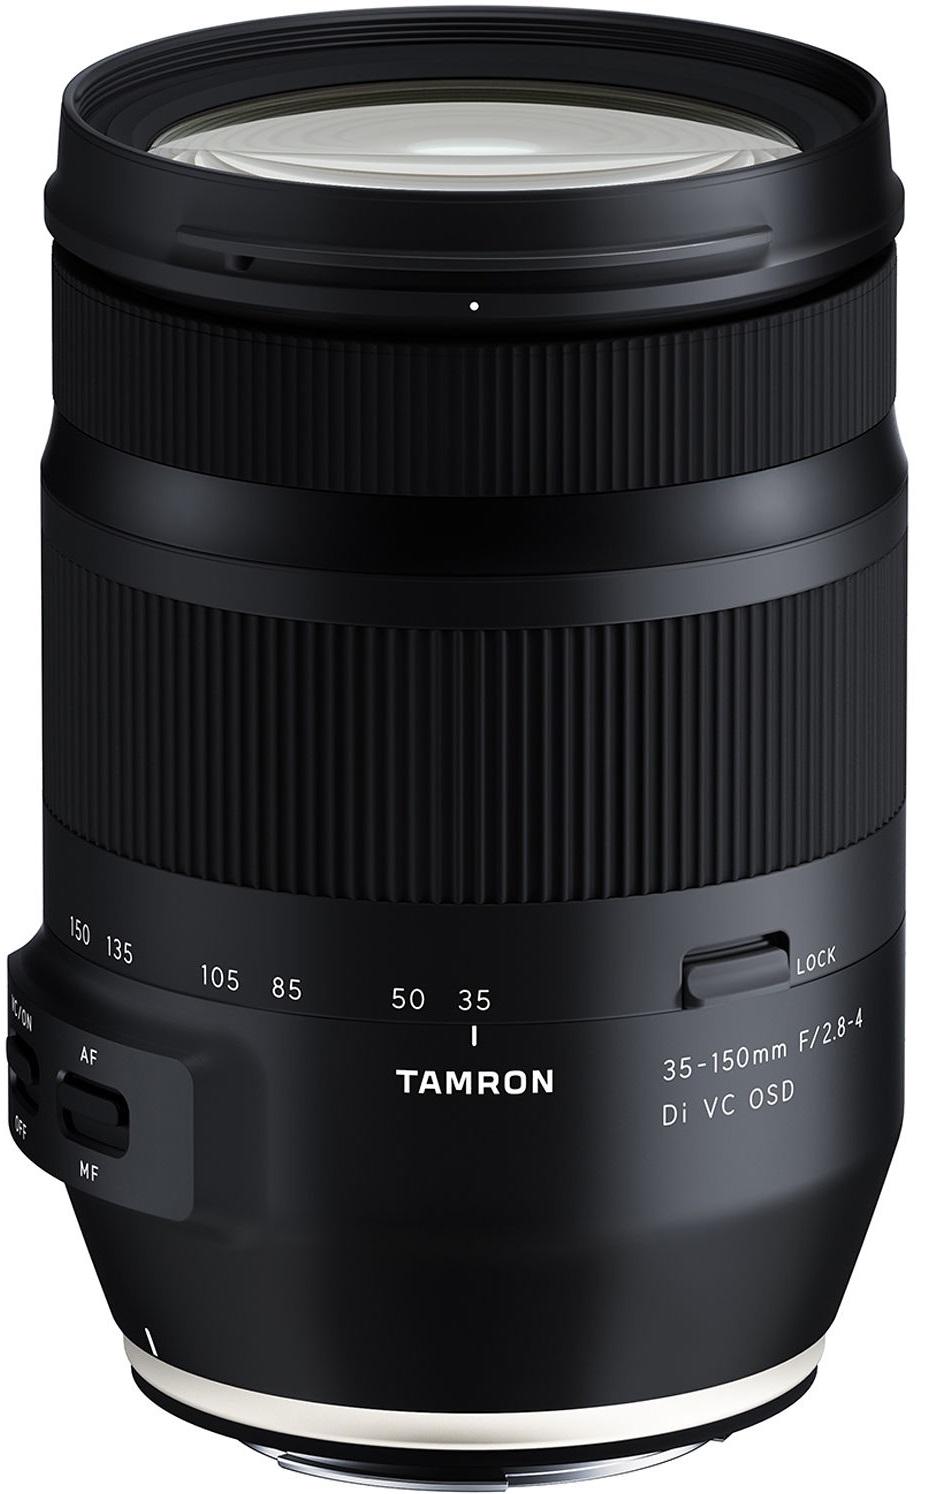 TAMRON 35-150 mm f/2,8-4 Di VC OSD pro Canon EF